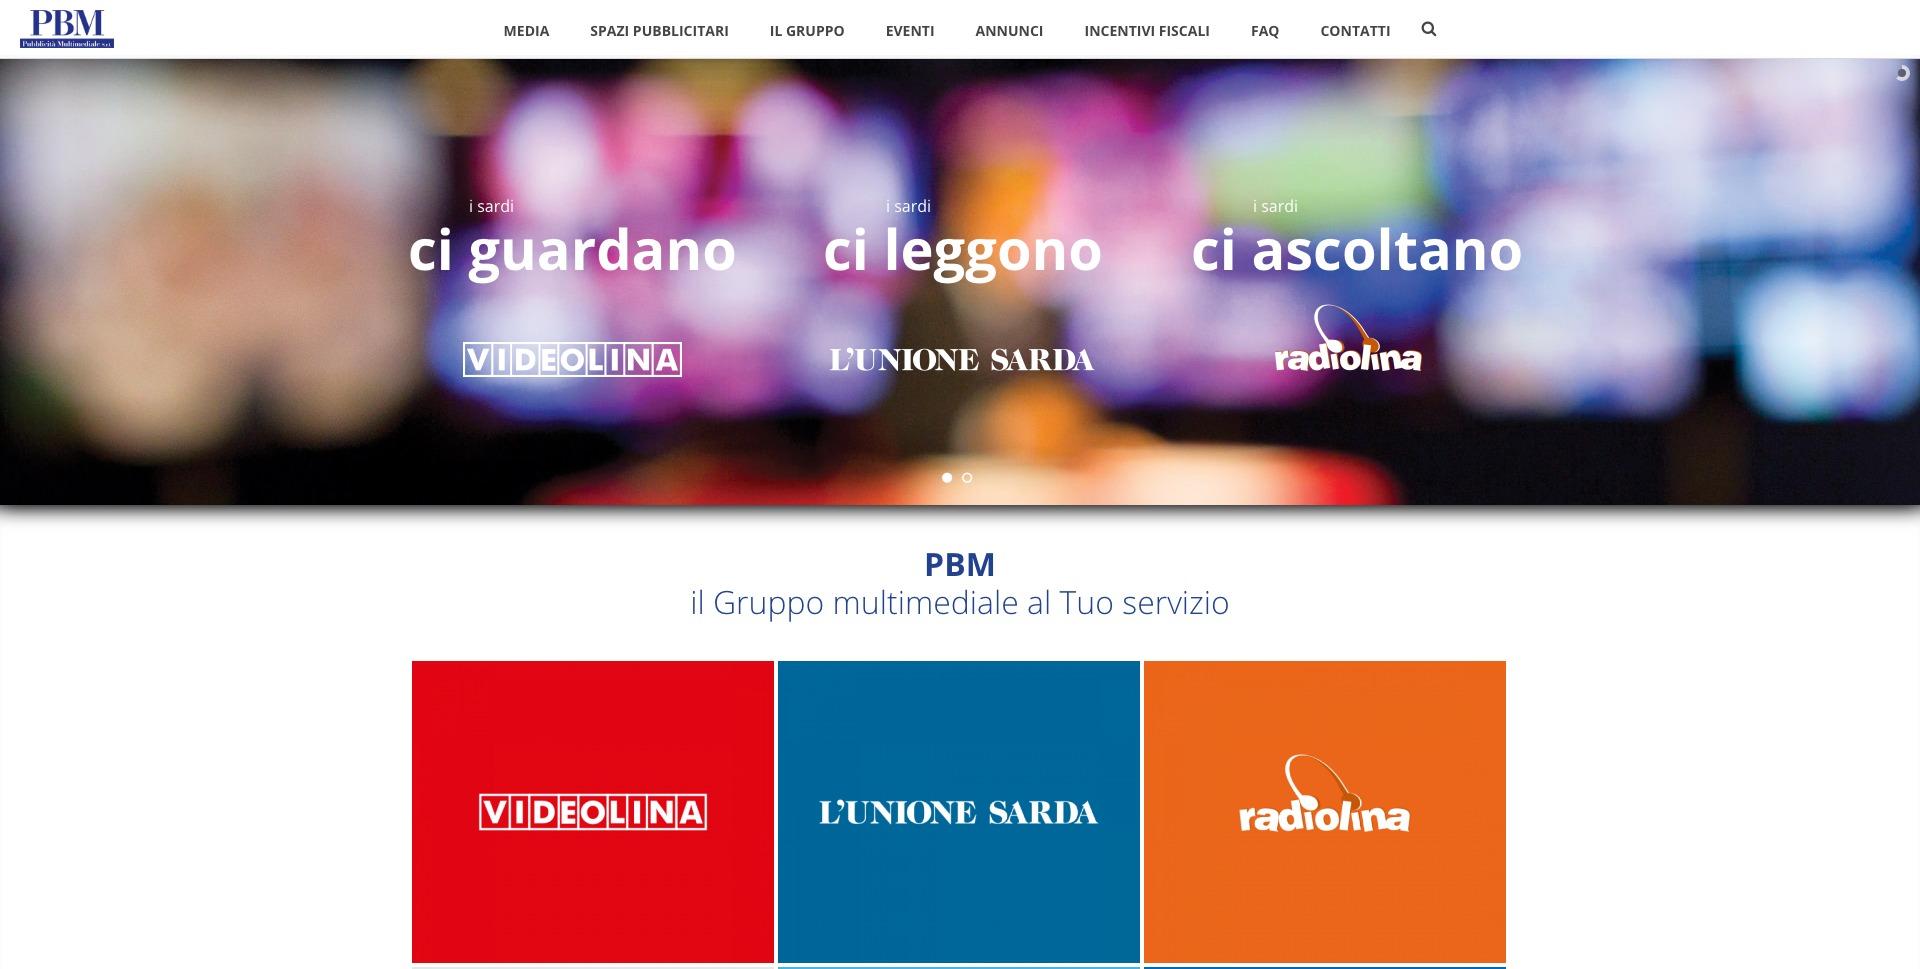 PBM - Pubblicità Multimediale - Sardegna